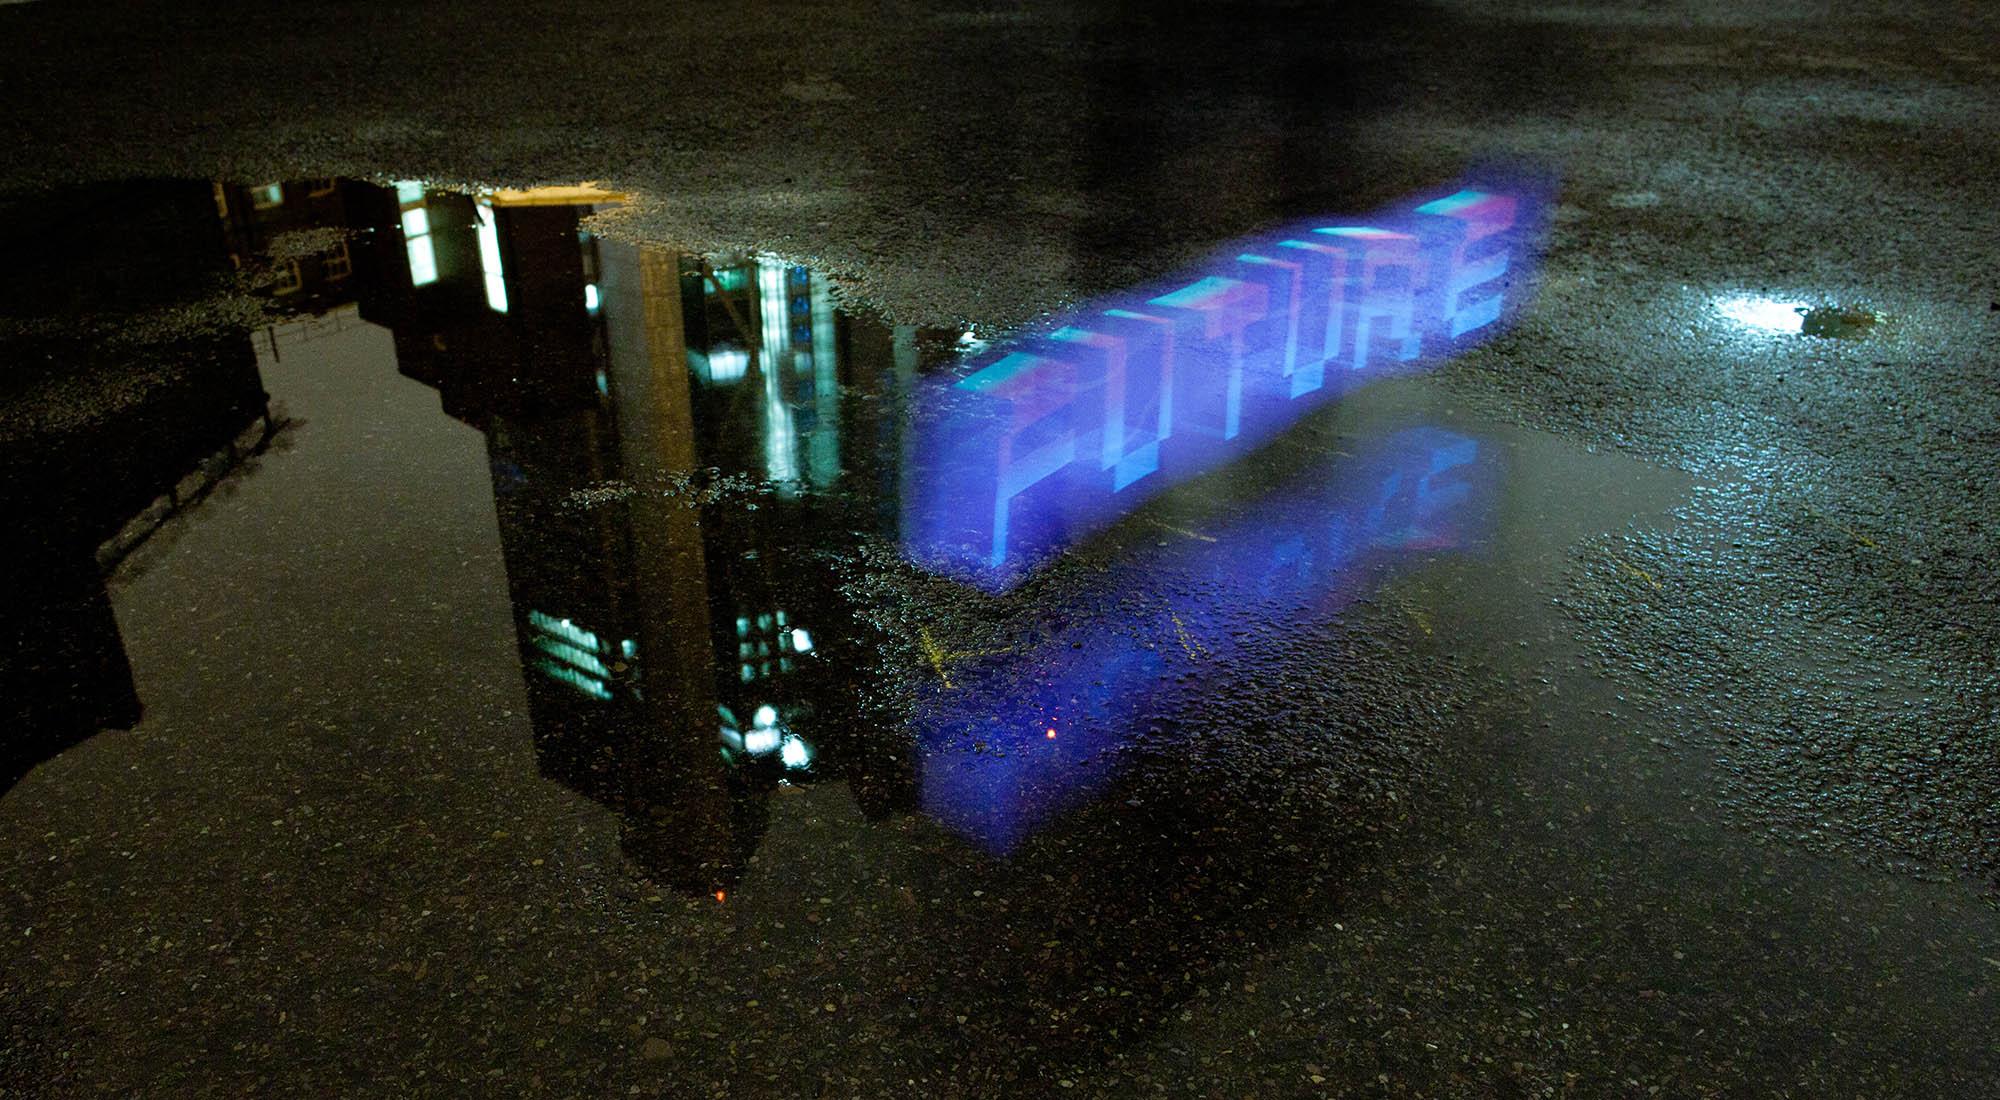 02_Future_14